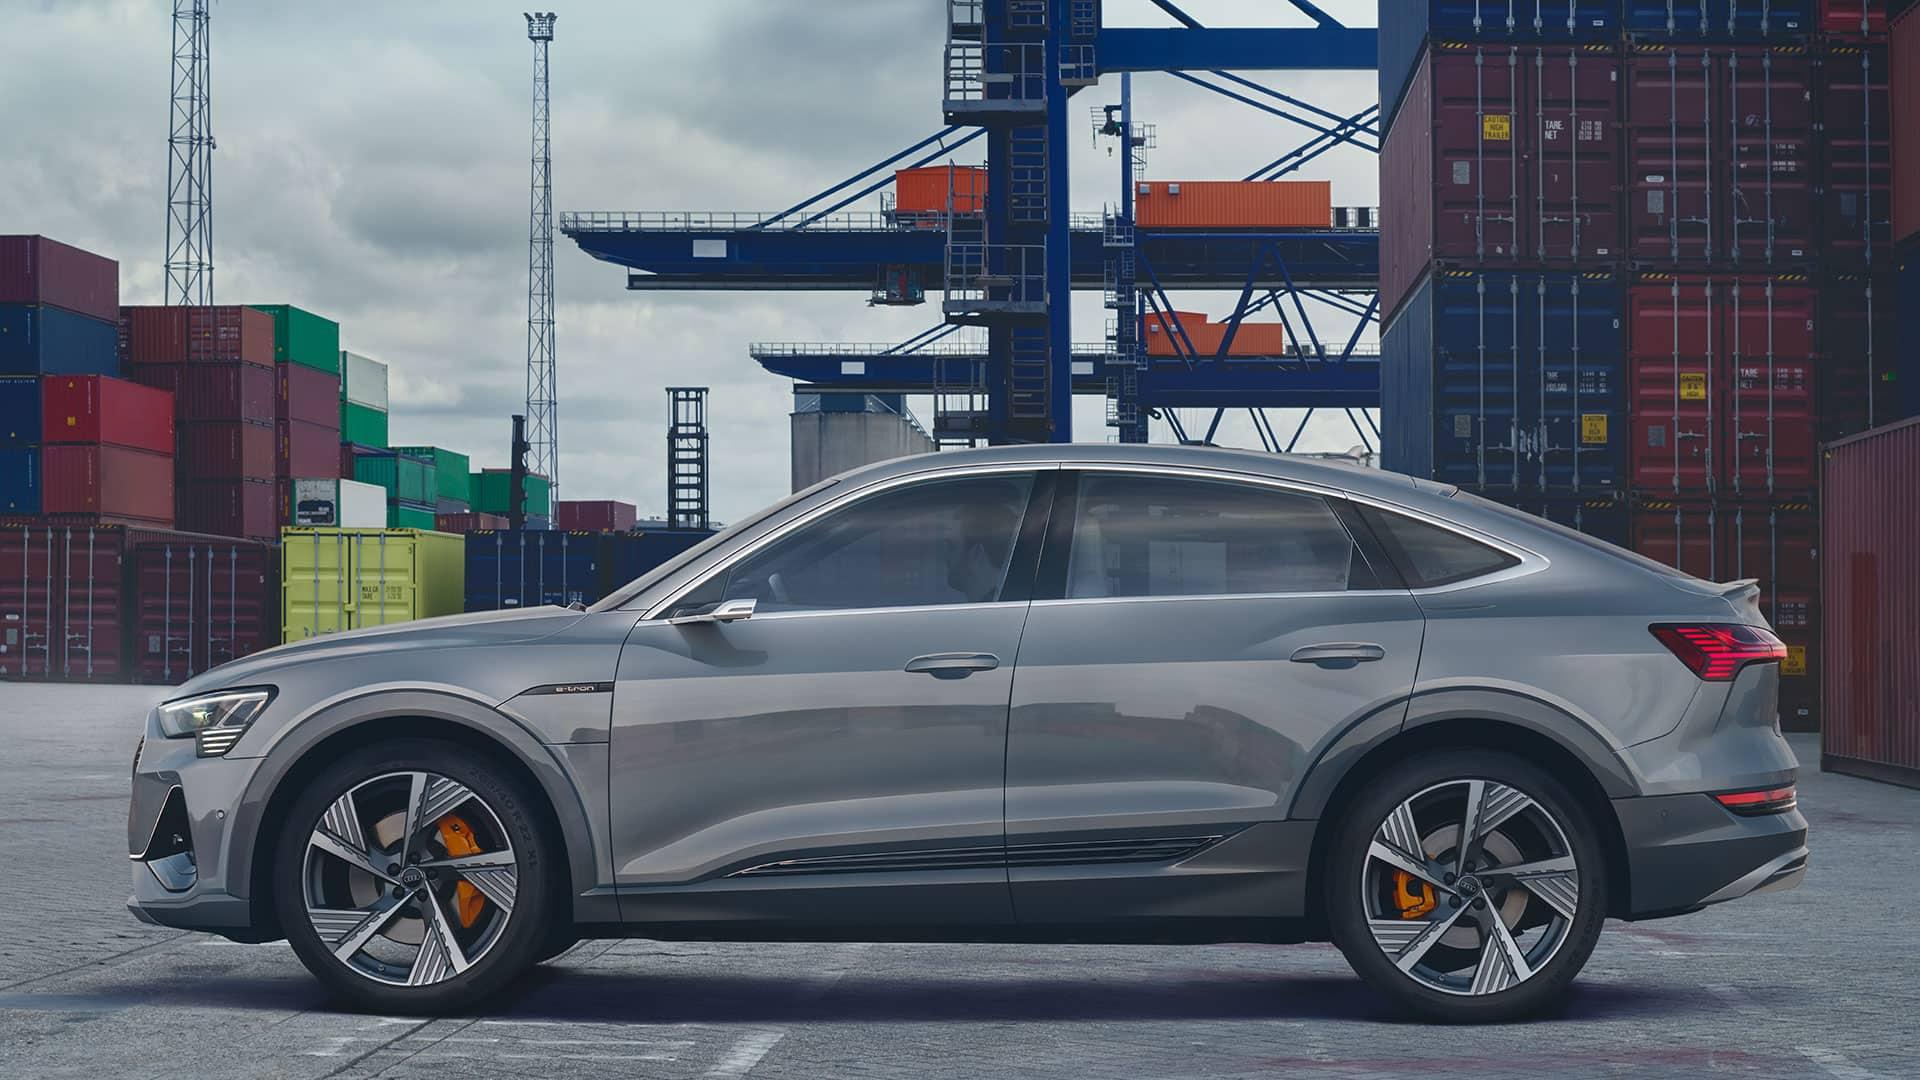 Bok Audi e-tron Sportback